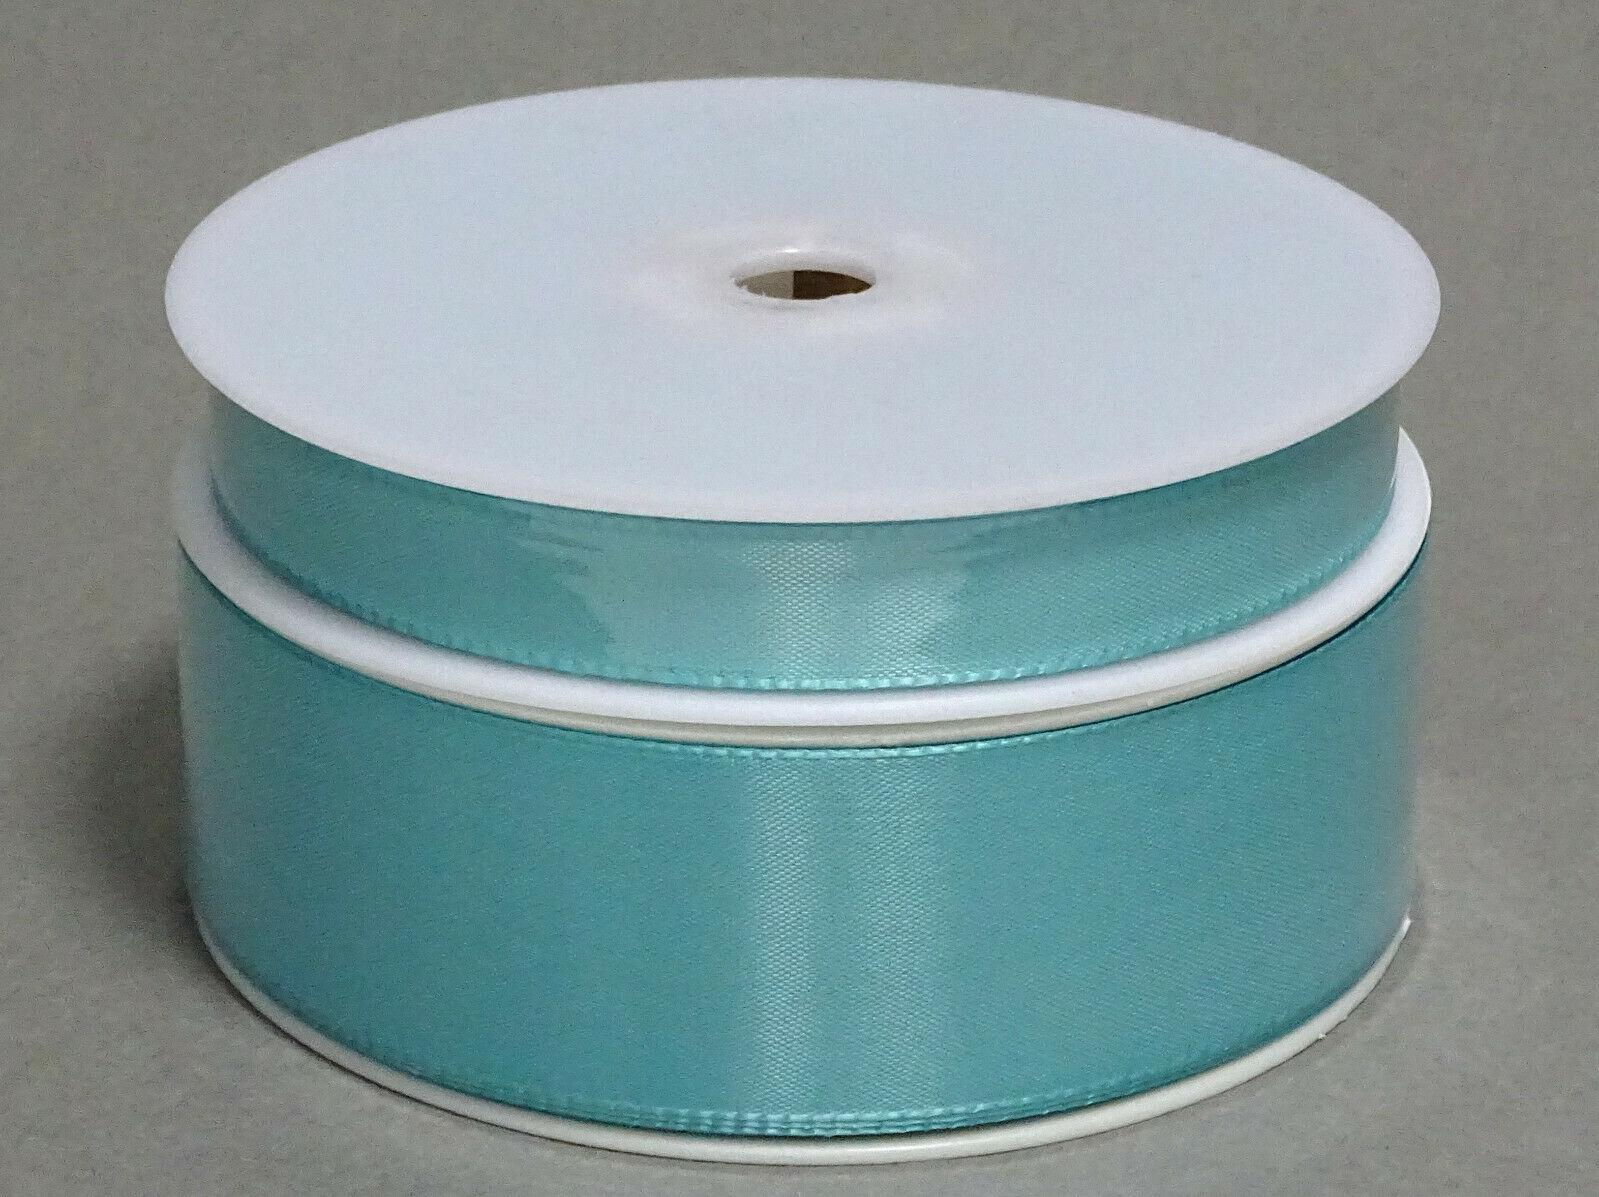 Seidenband Schleifenband 50 m x 15 / 25 / 40mm Dekoband ab 0,08€/m Geschenkband  - Aqua-Mint 146, 25 mm x 50 m